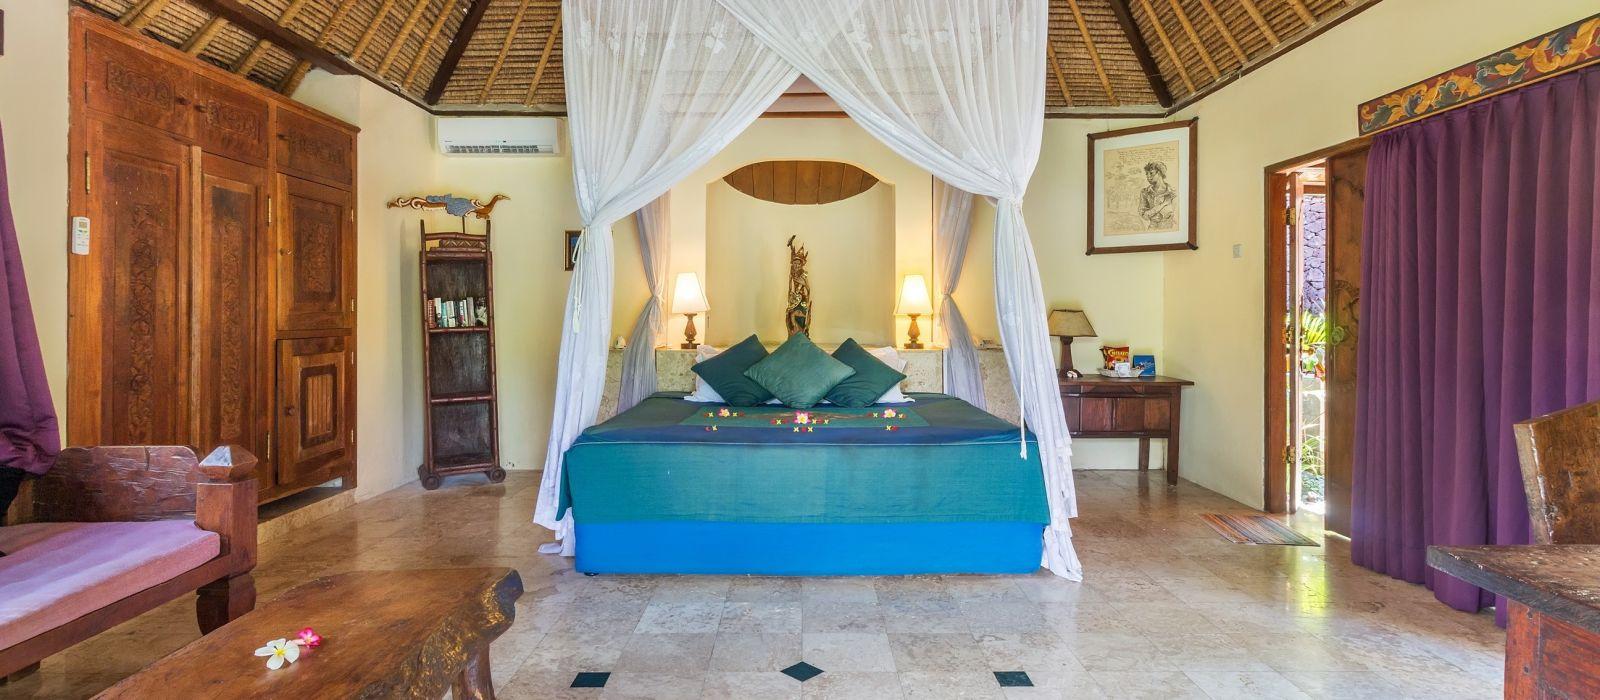 Hotel Taman Sari Bali Resort & Spa Indonesia